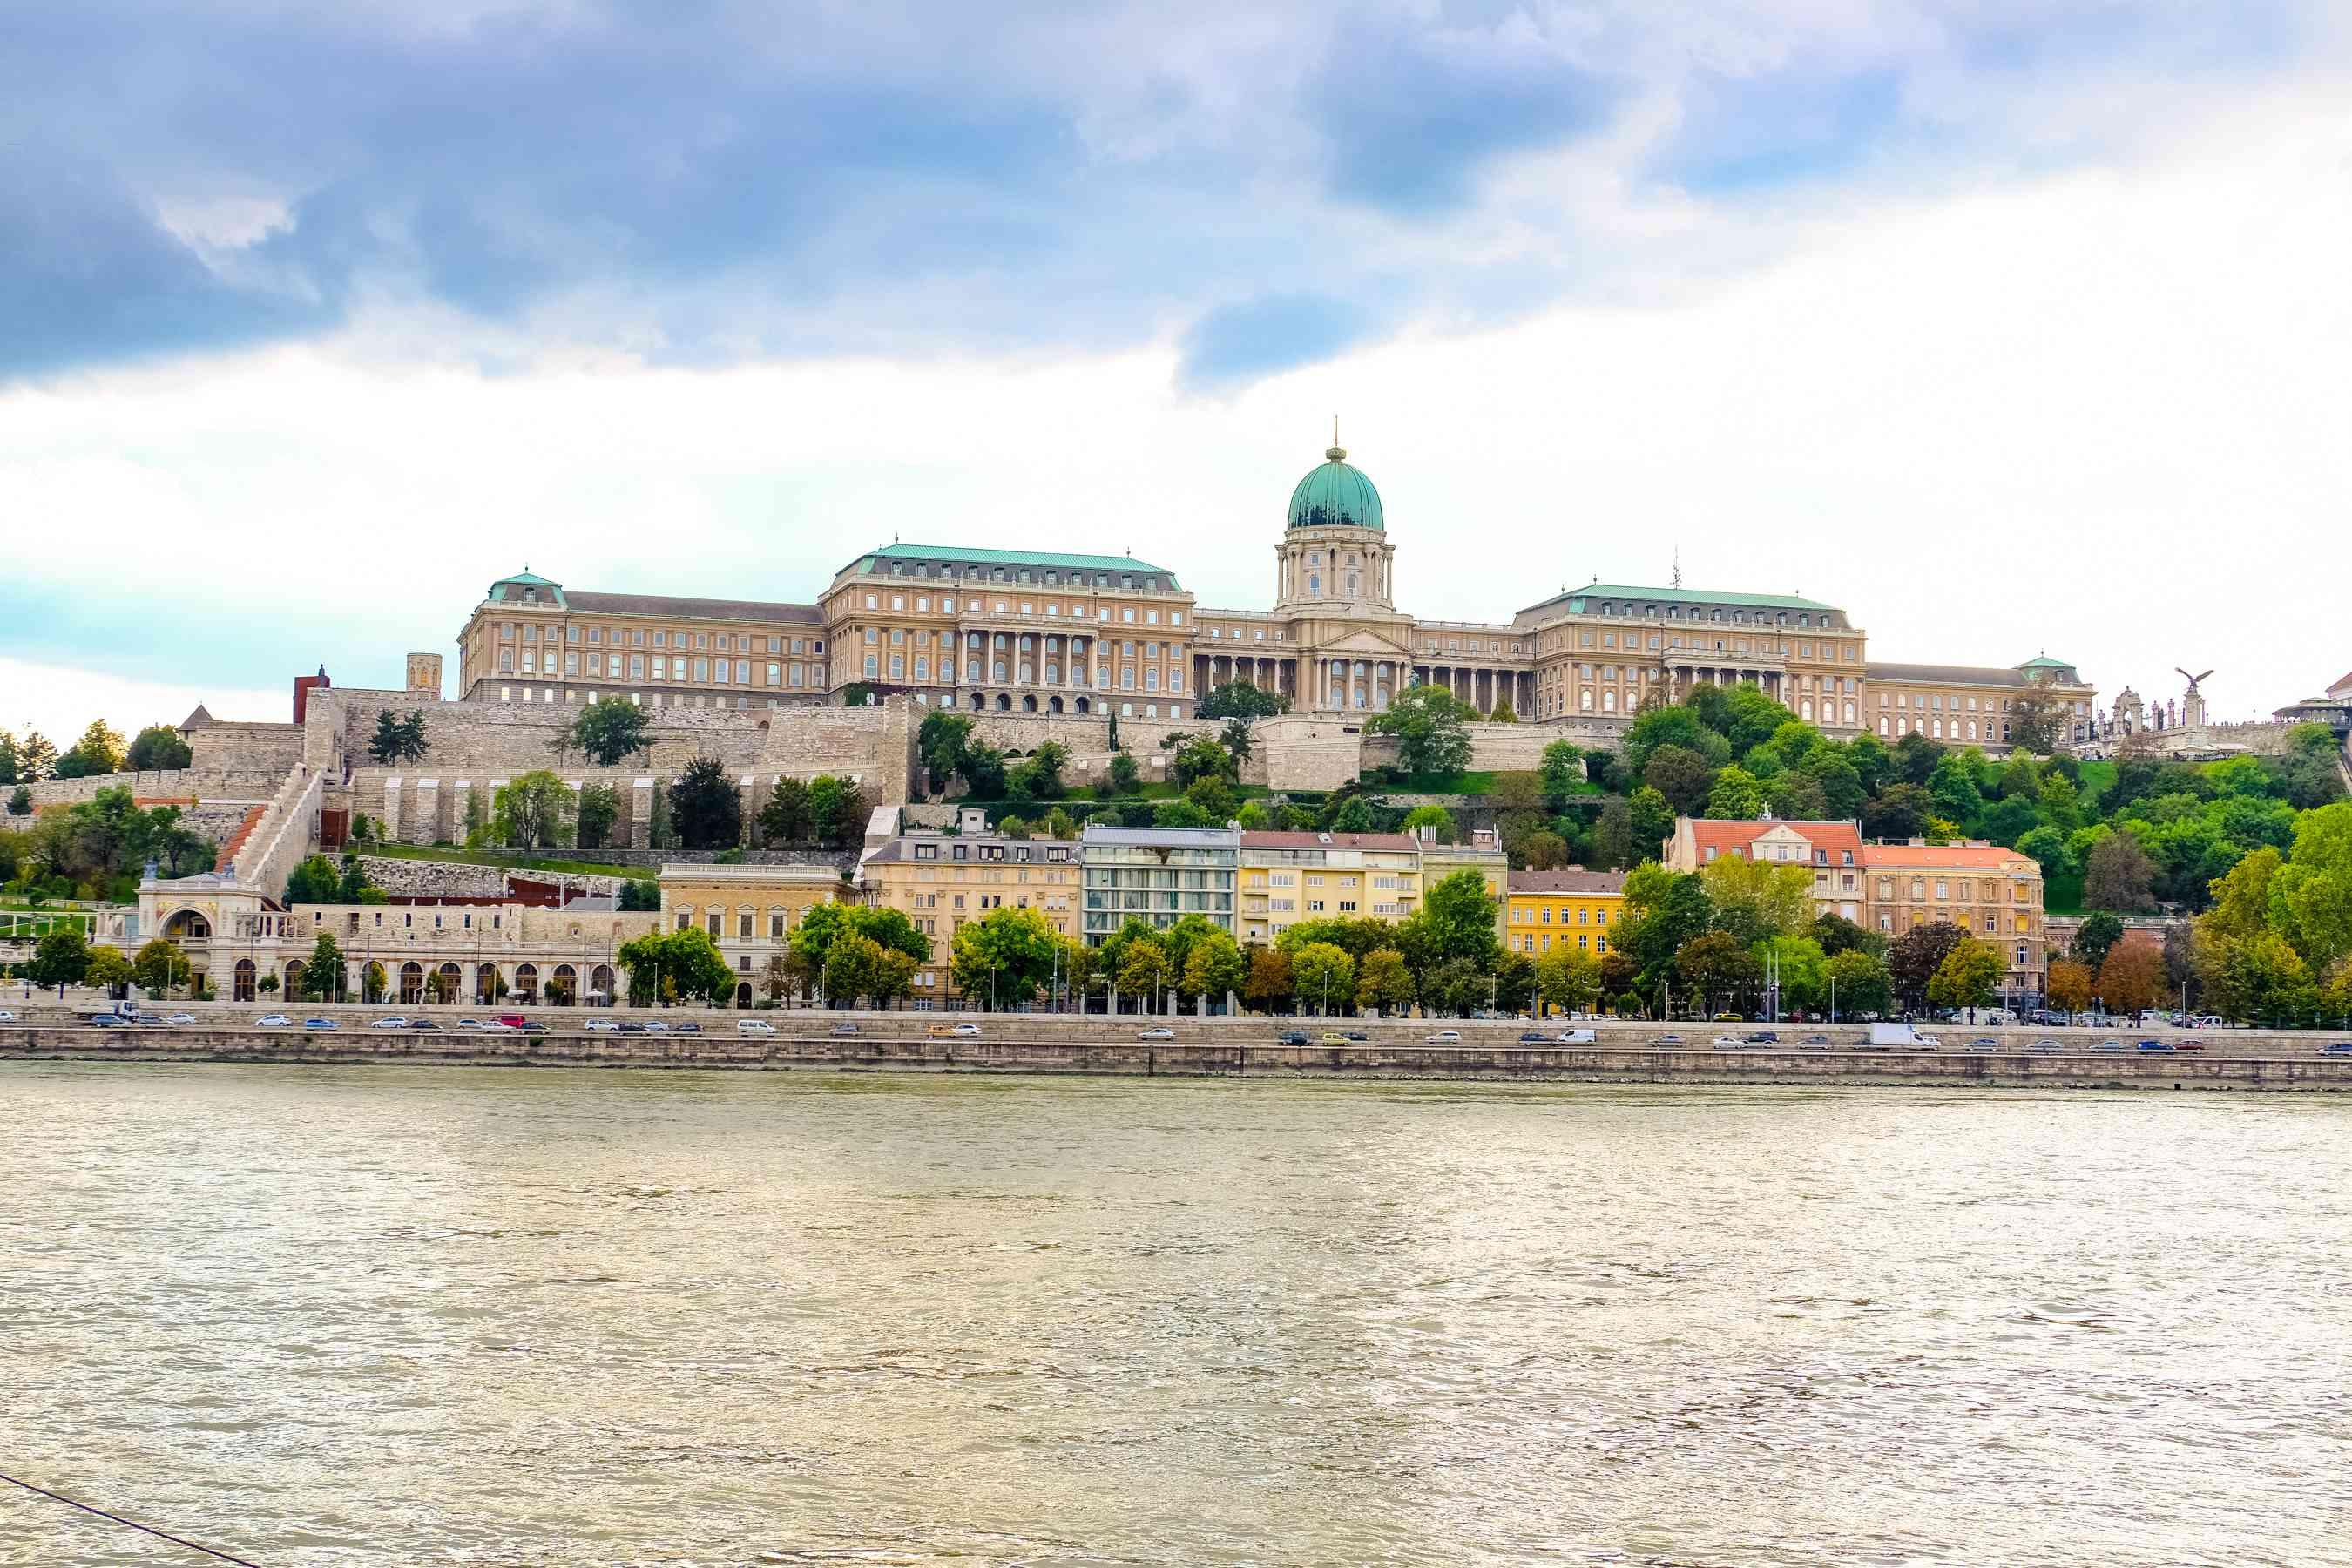 Vista del paisaje urbano de Budapest desde el río Danubio